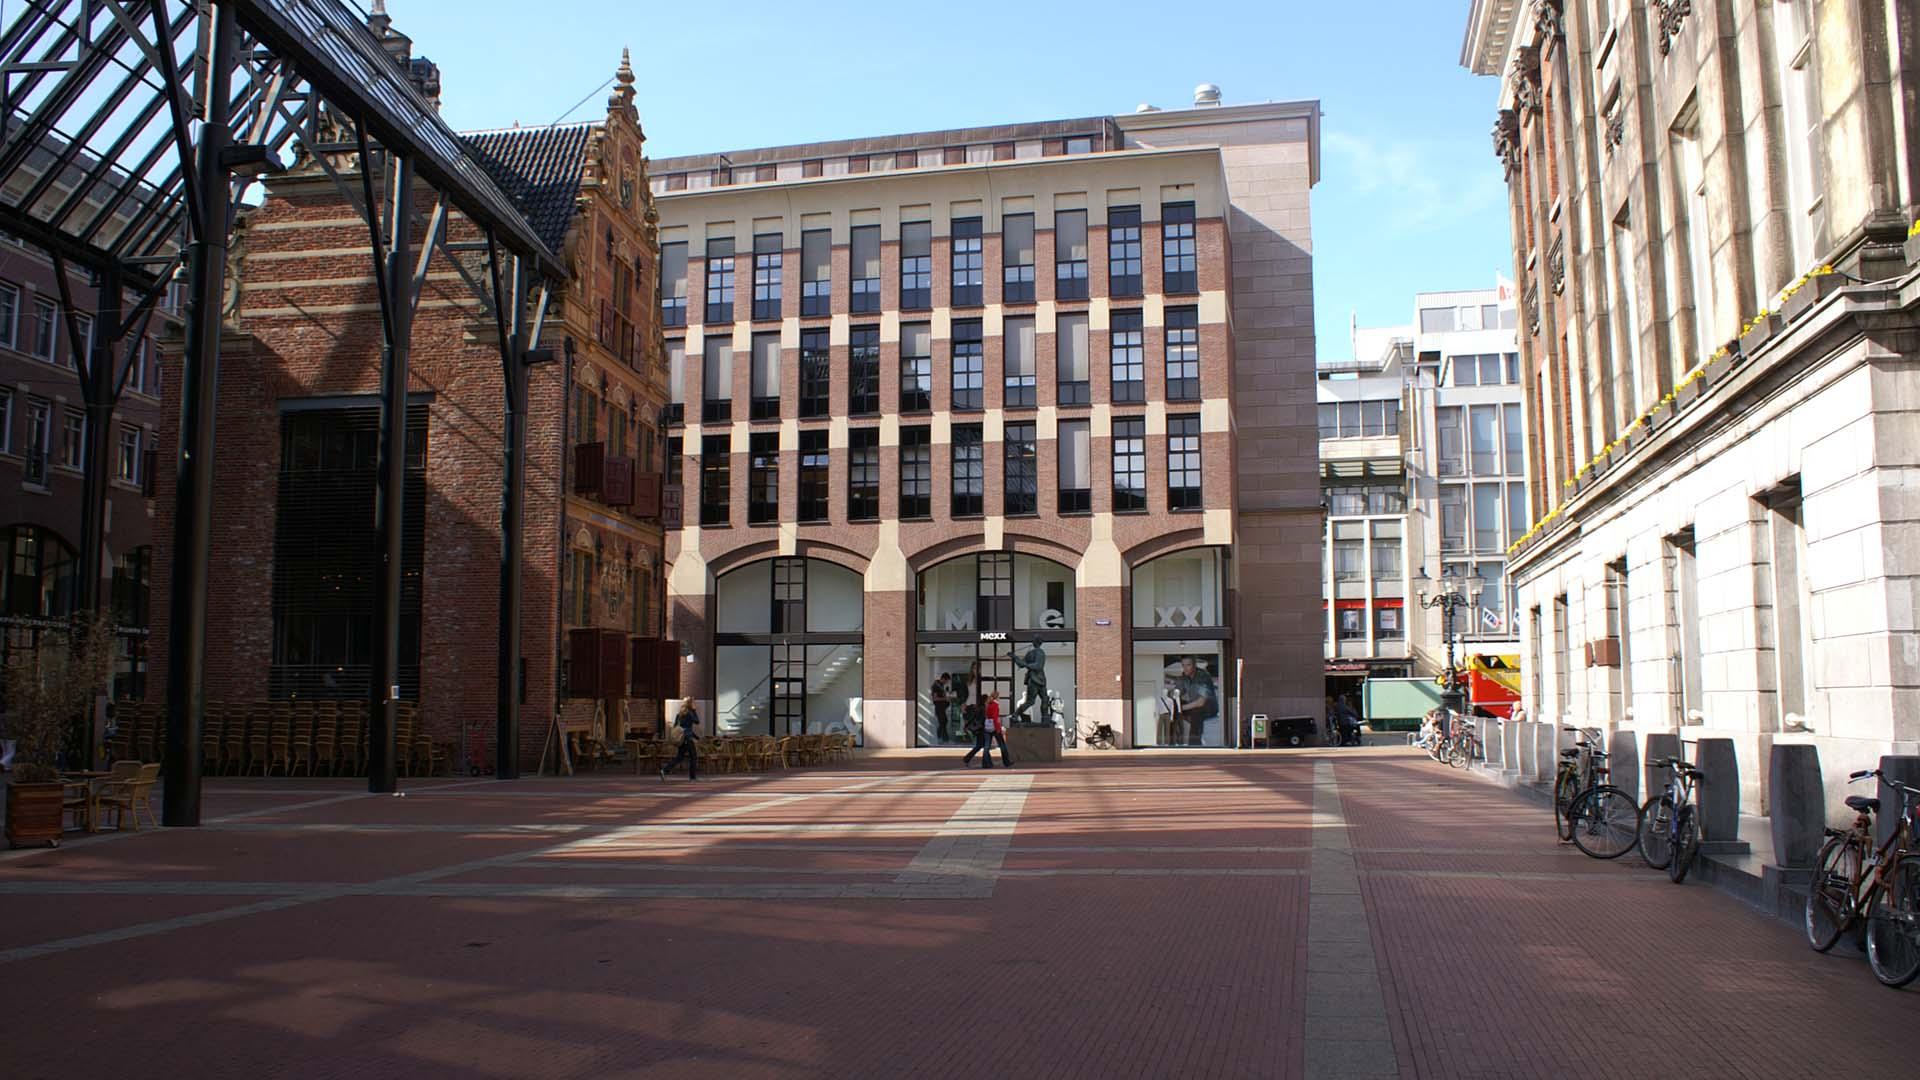 9207_Waagstraatcomplex Groningen_01